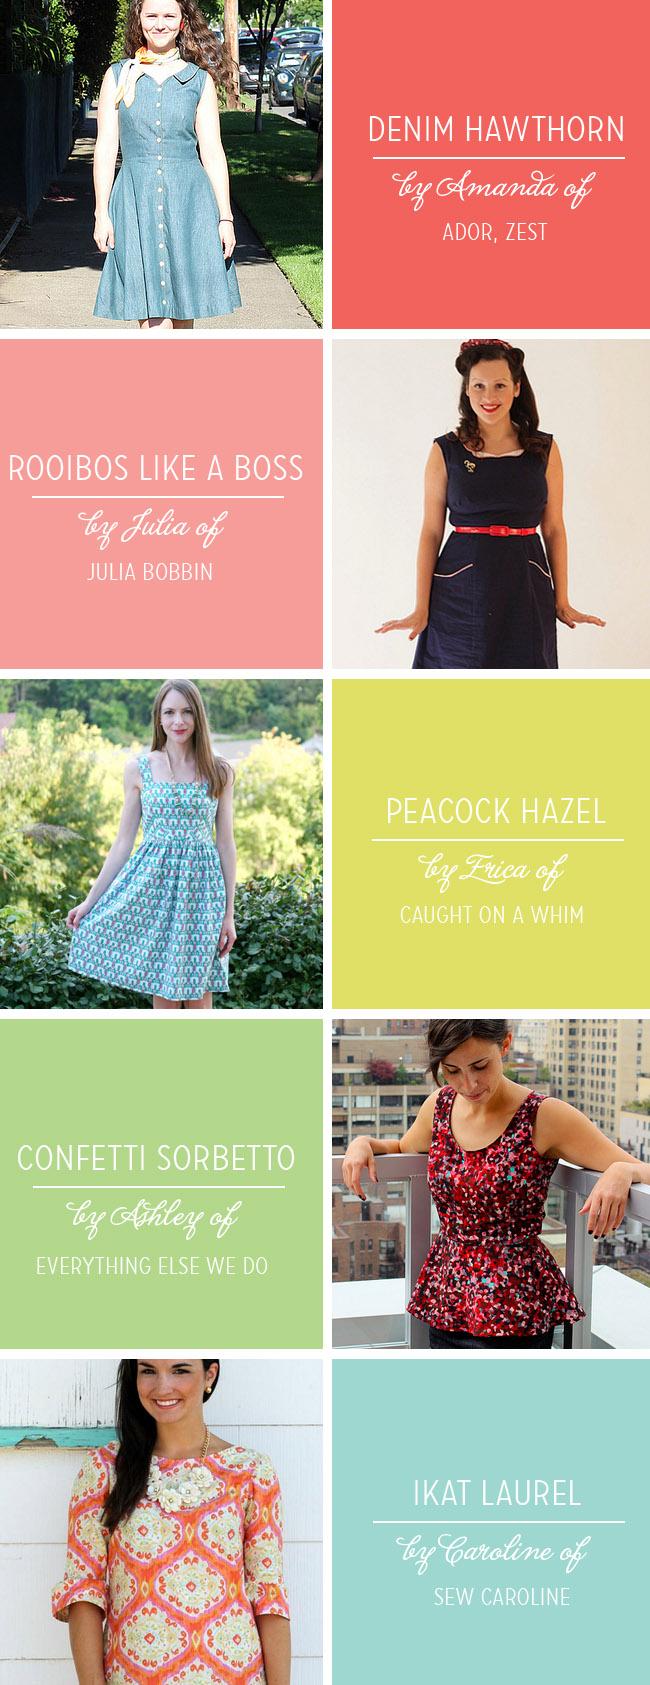 september-colette-flickr-favorites-1